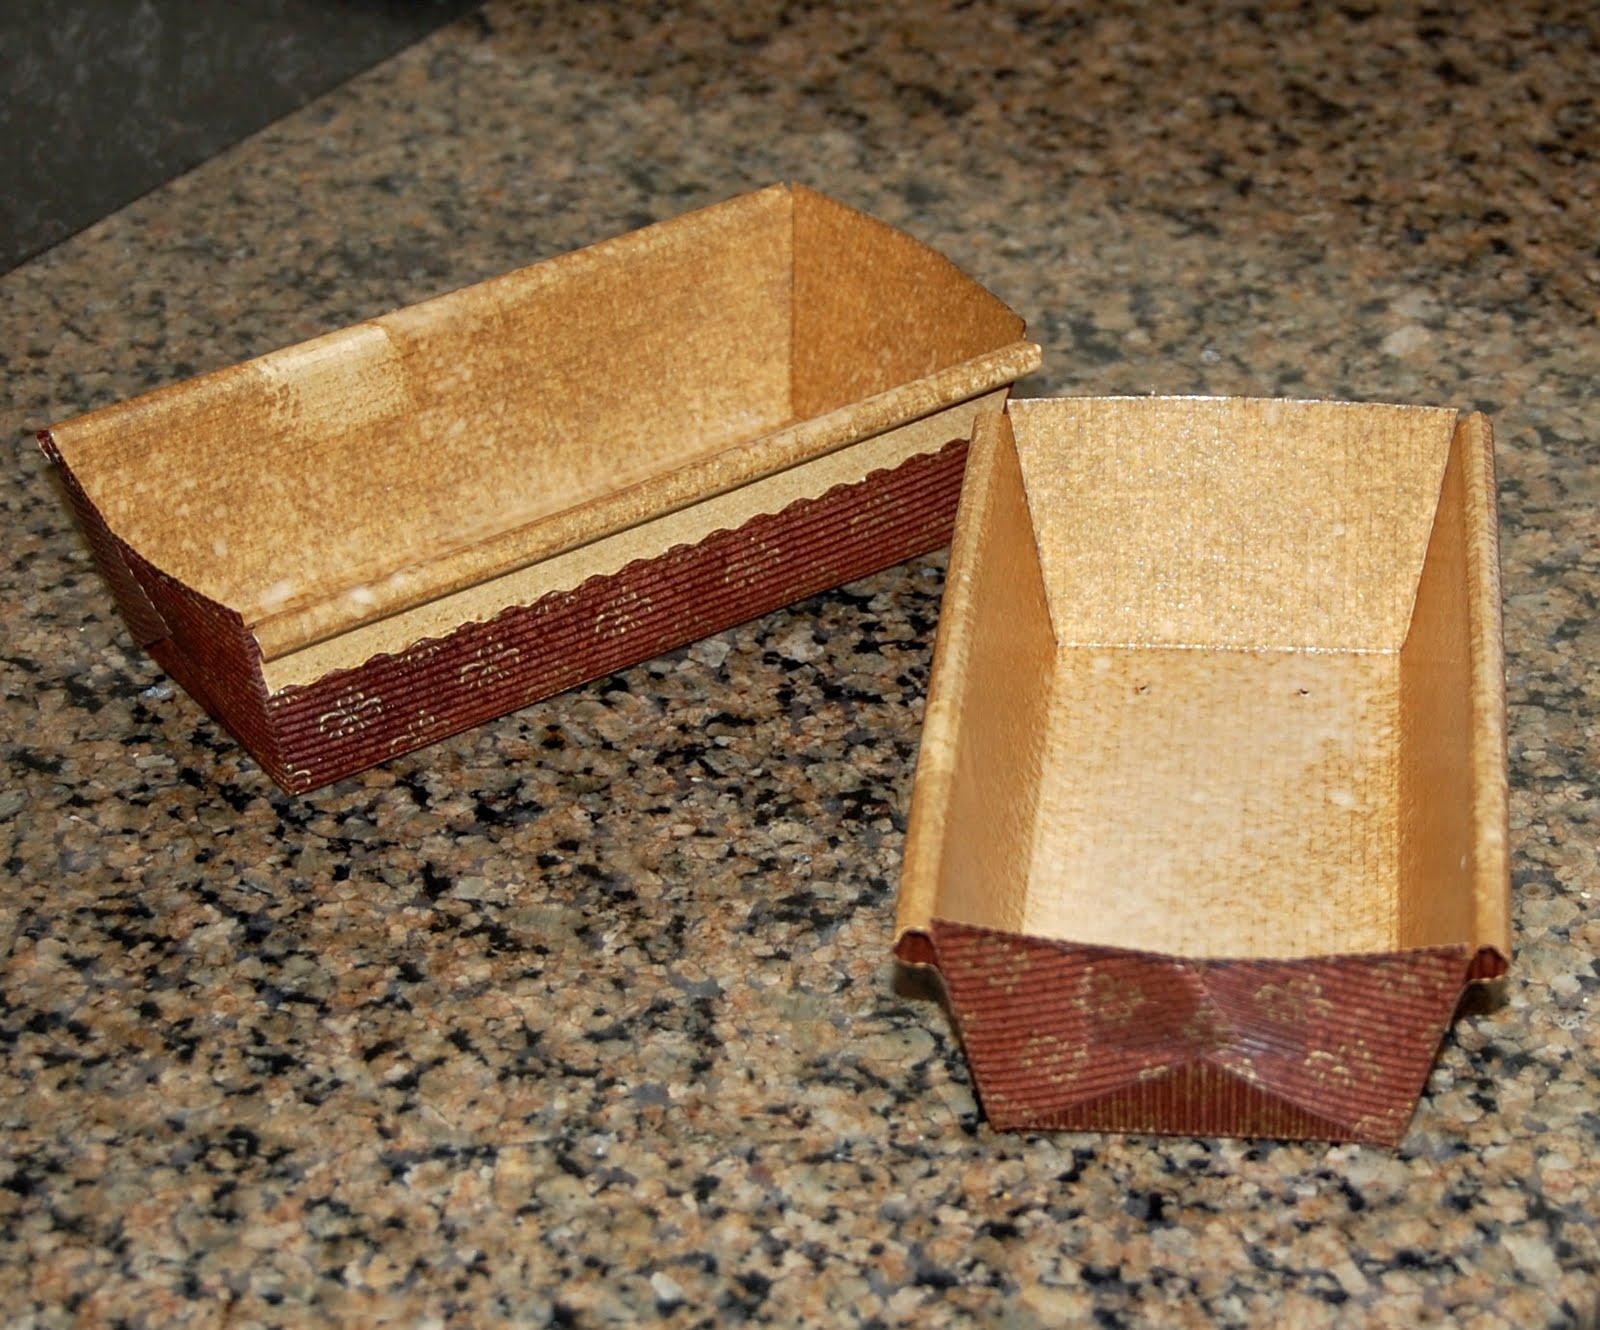 Vanilla Pound Cake Recipe Loaf Pan: *: Mini Vanilla Bean Pound Cakes